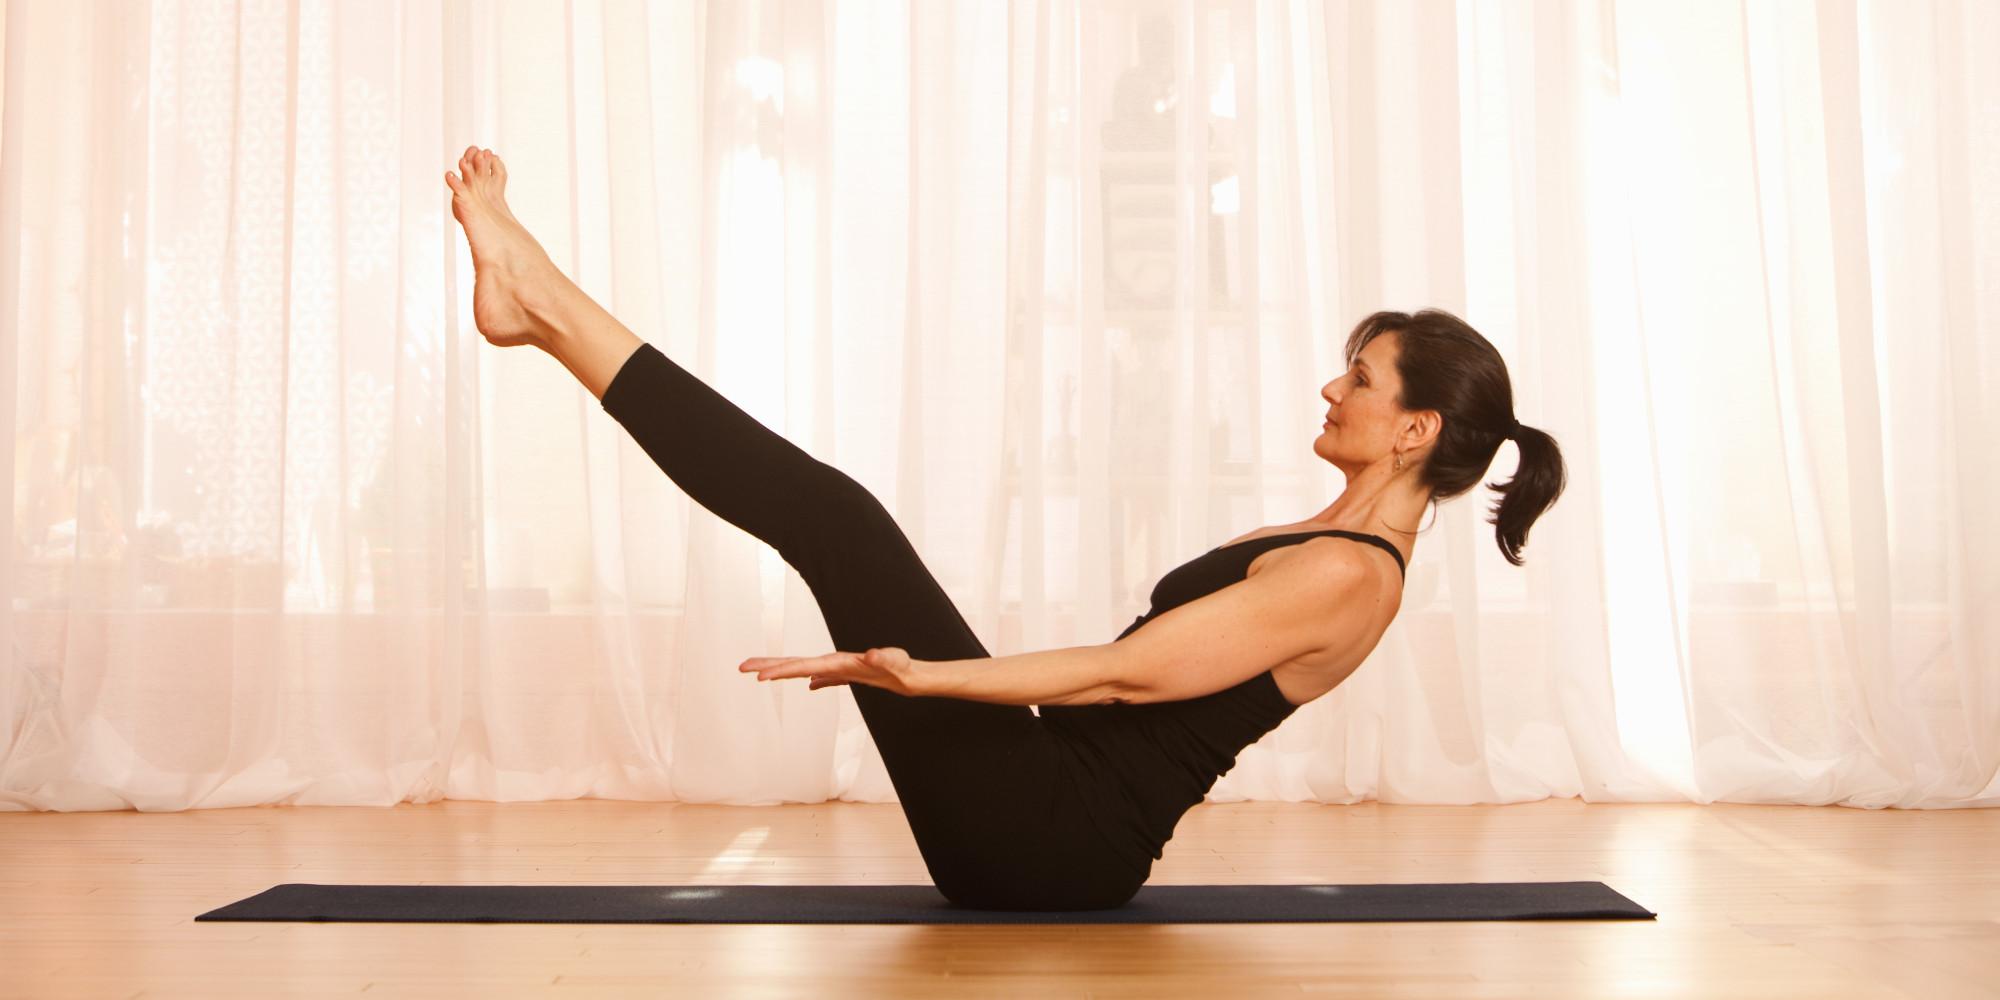 Yoga Asana For Abs